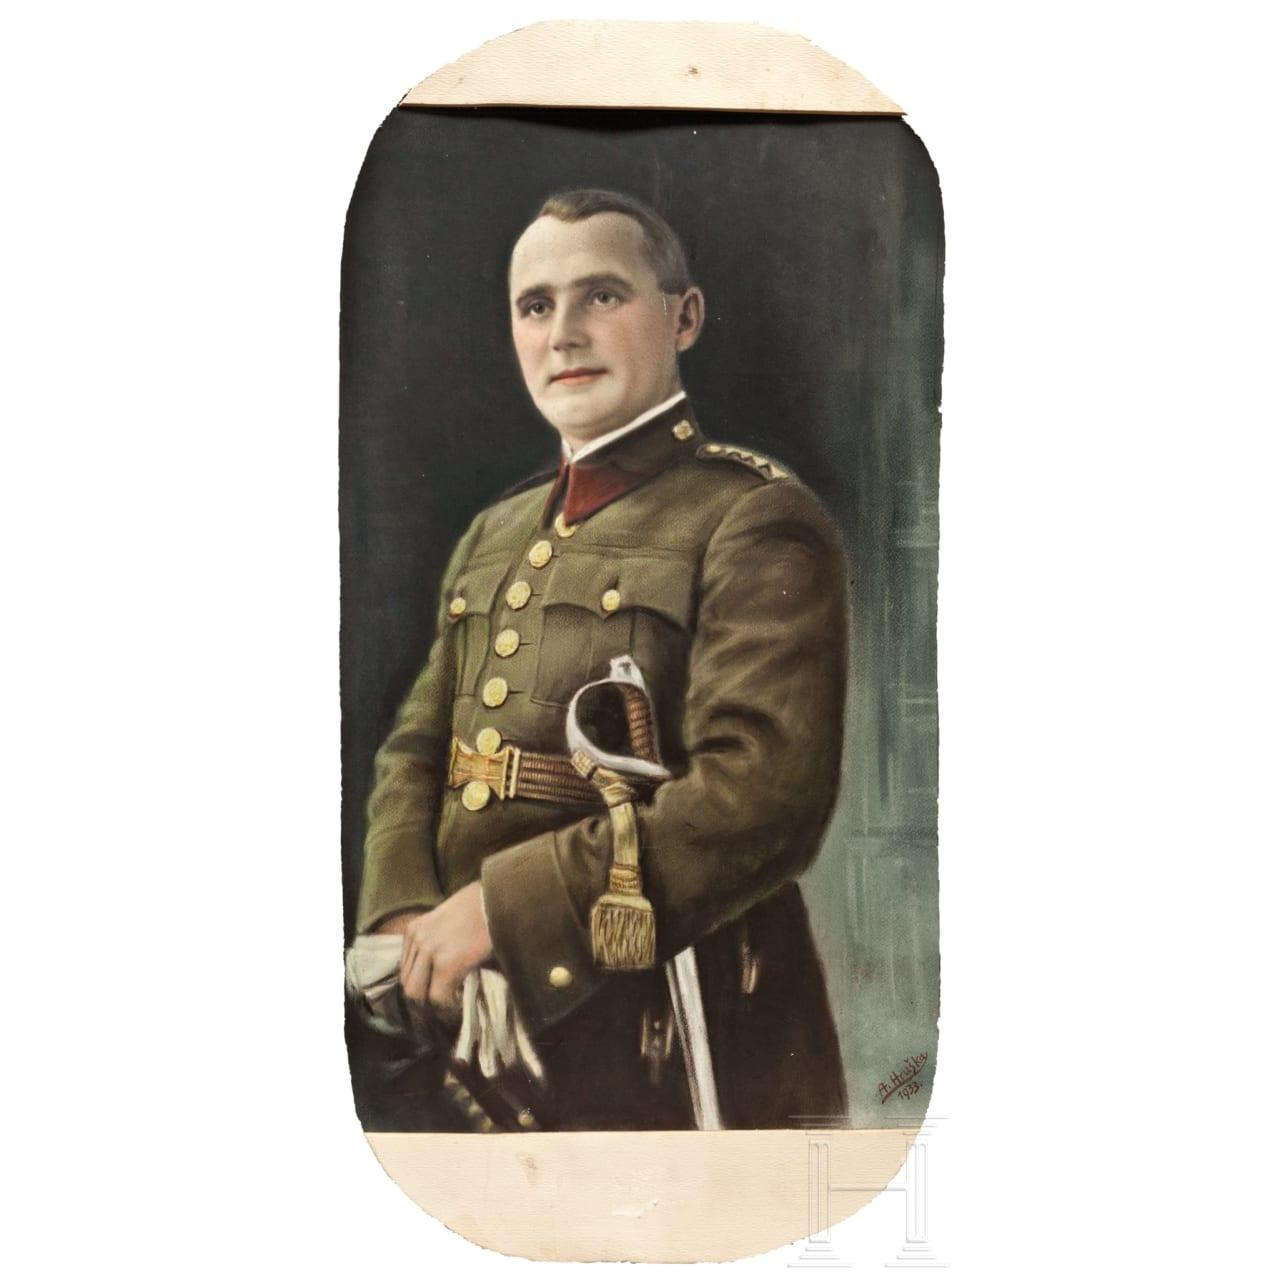 Tschechisches Uniformportrait, datiert 1933